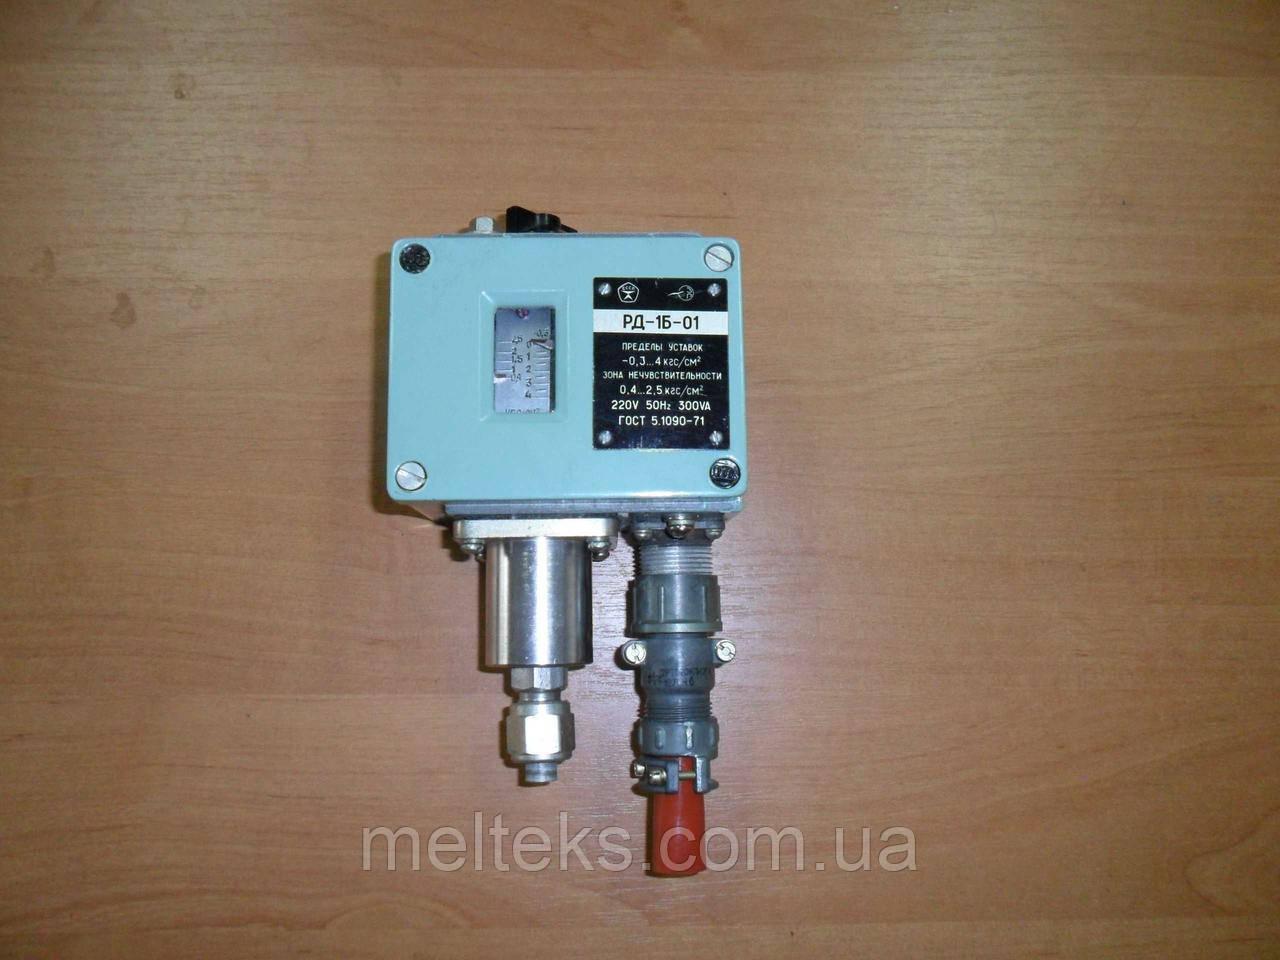 Реле давления РД-1Б-01, РД-2Б-02, РД-2Б-03